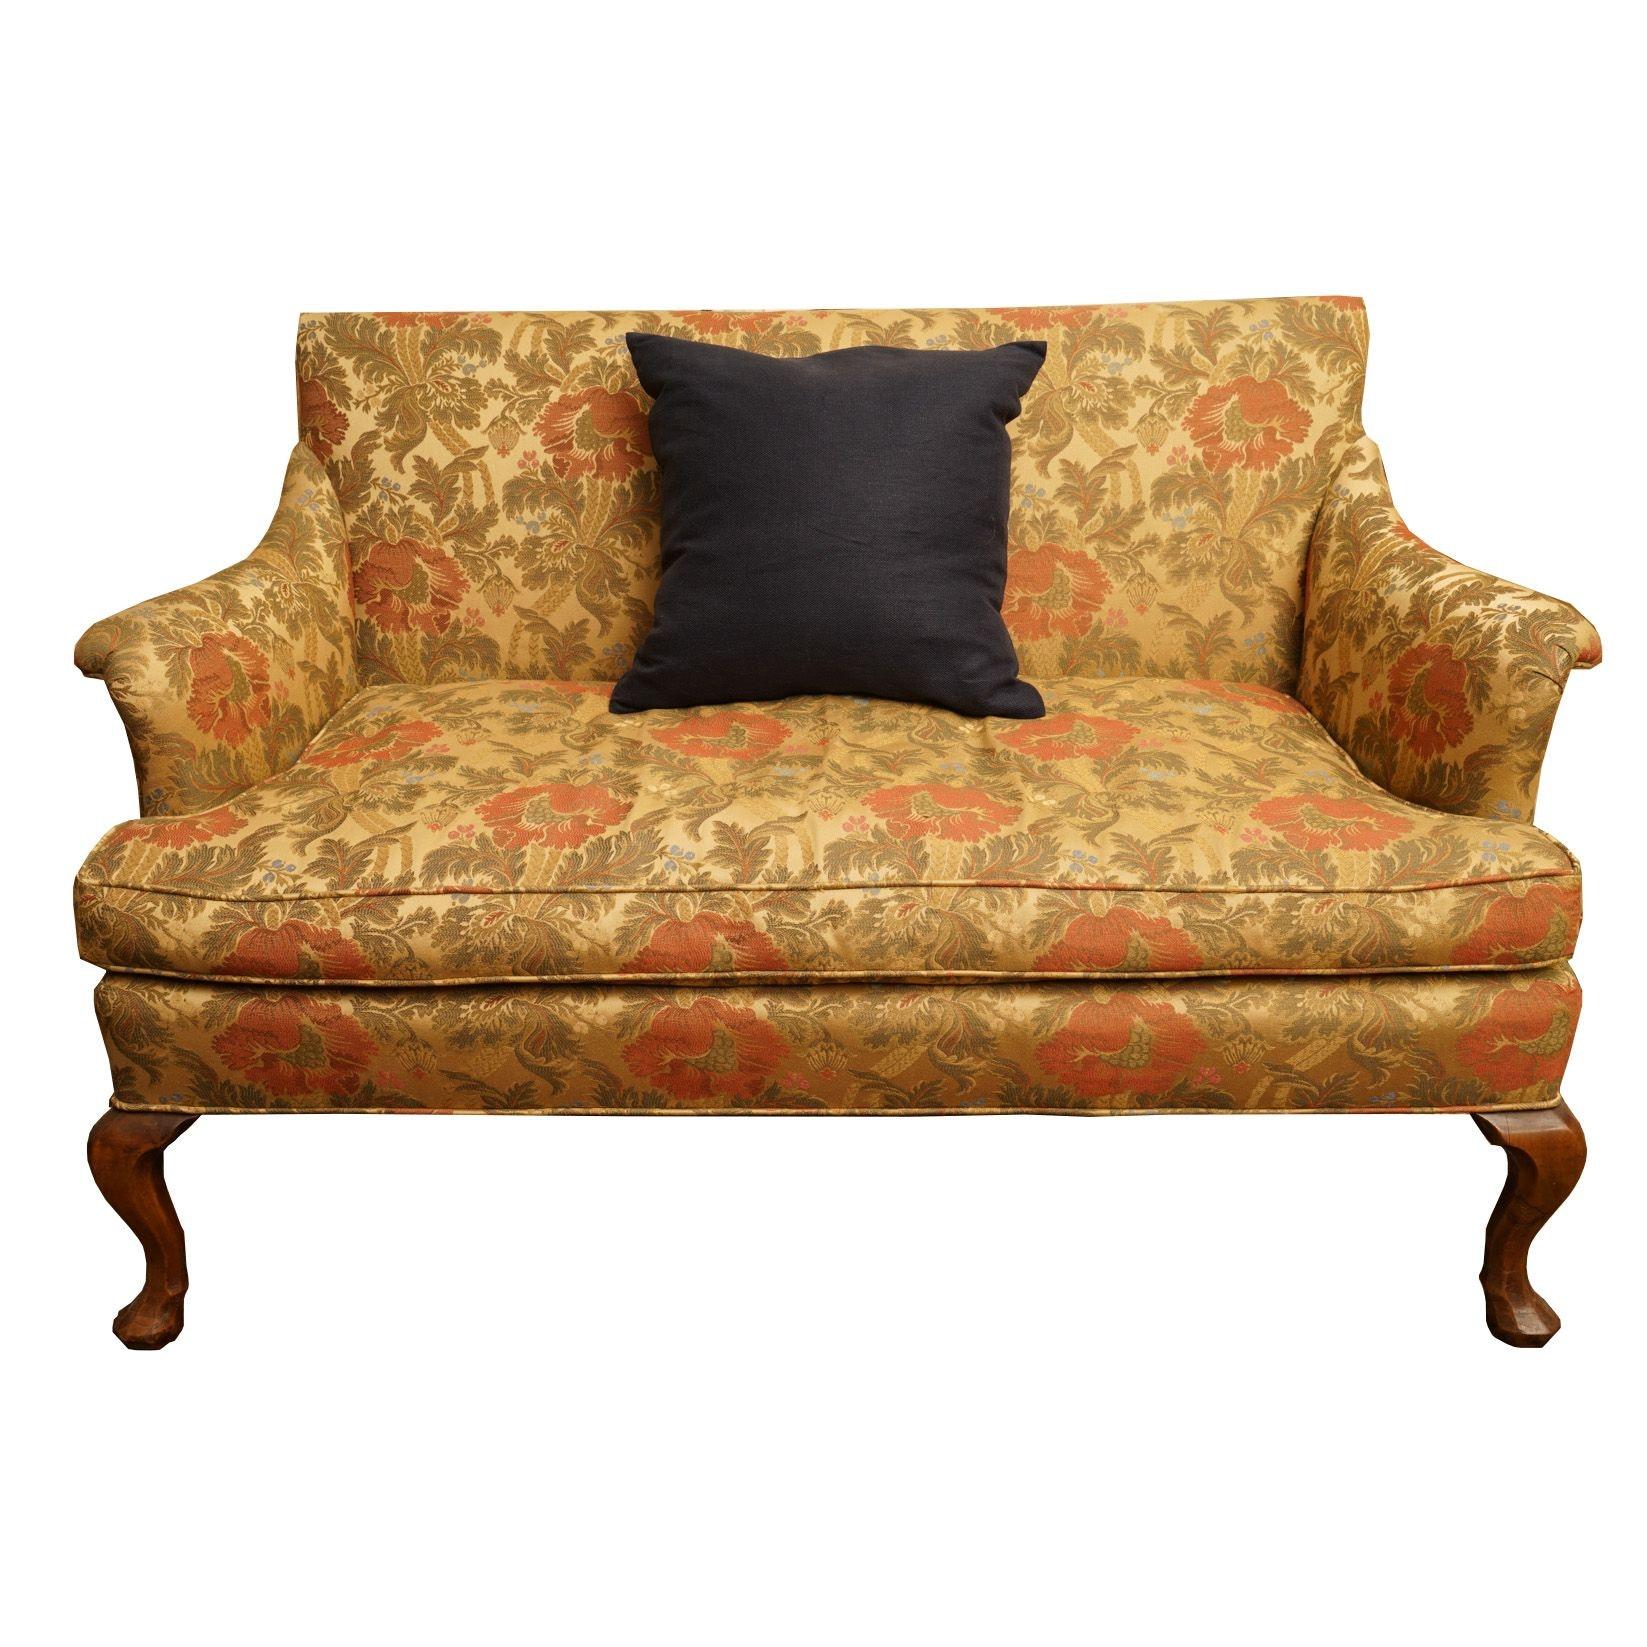 Vintage Floral Upholstered Settee